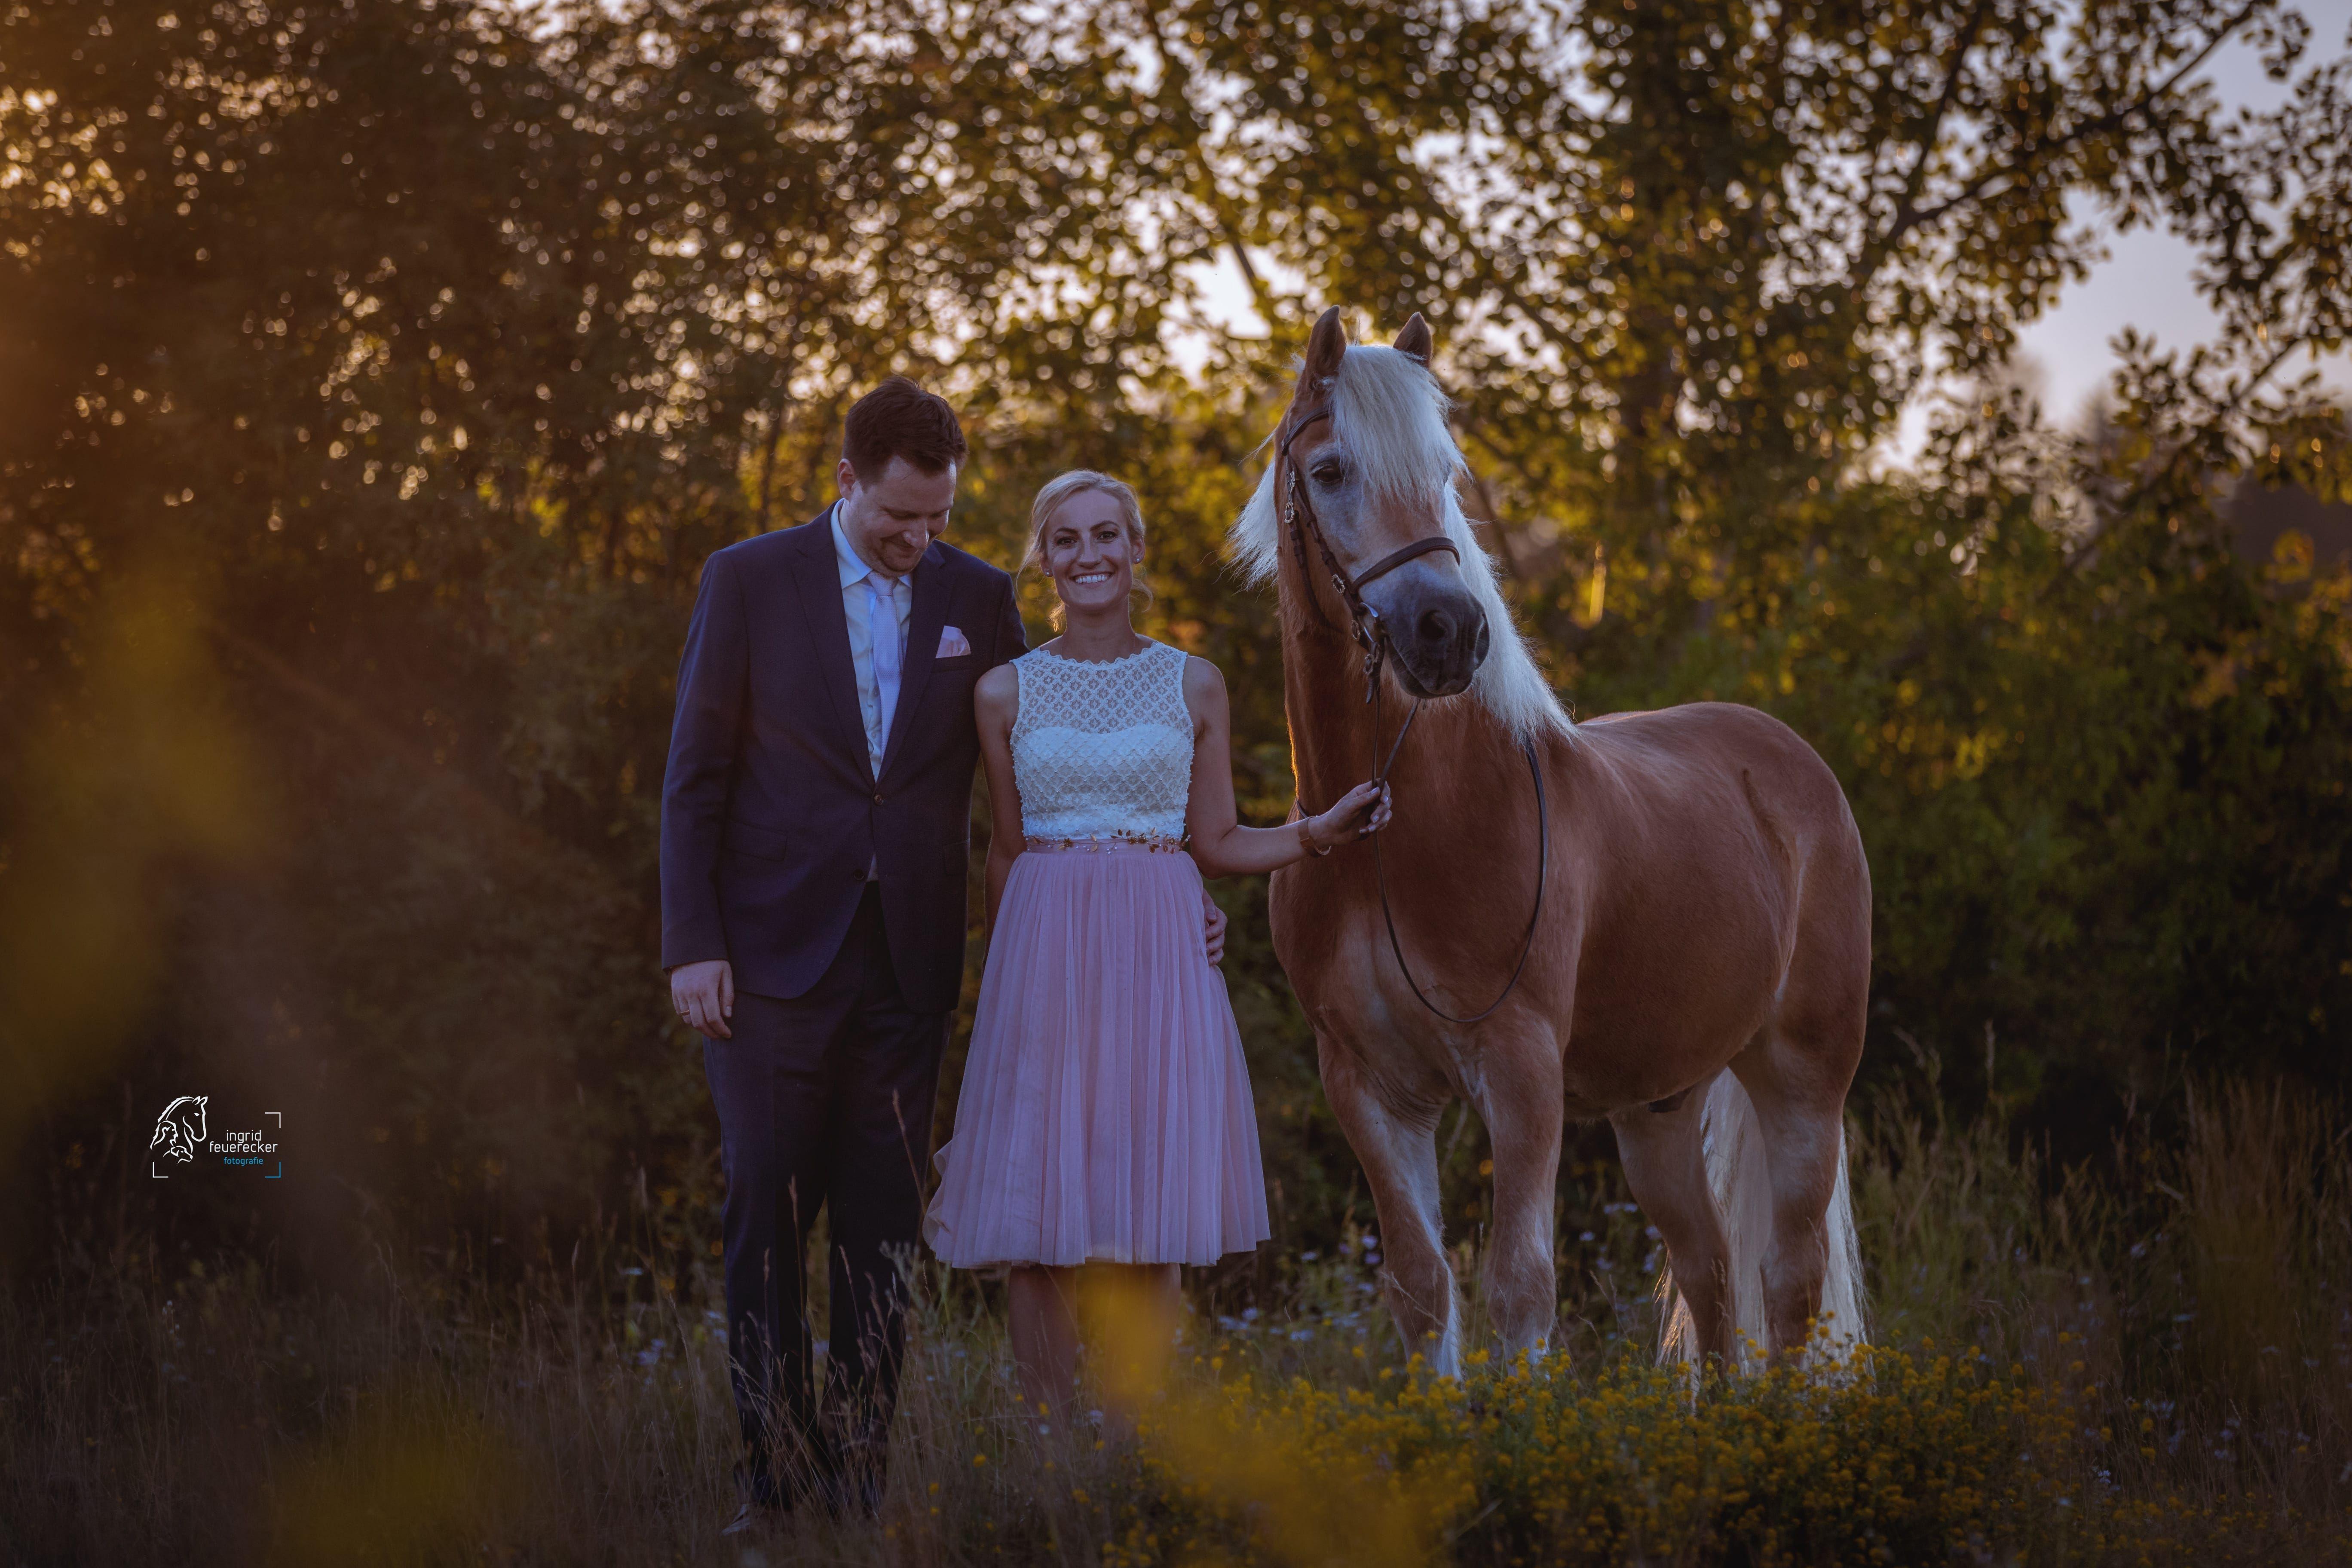 After Wedding Mit Pferd Das Brautpaar Mit Seinem Haflinger Fotoshooting Nach Der Hochzeit Ingrid Feuerecke Tierfotografie Pferde Fotografie Pferdefotografie